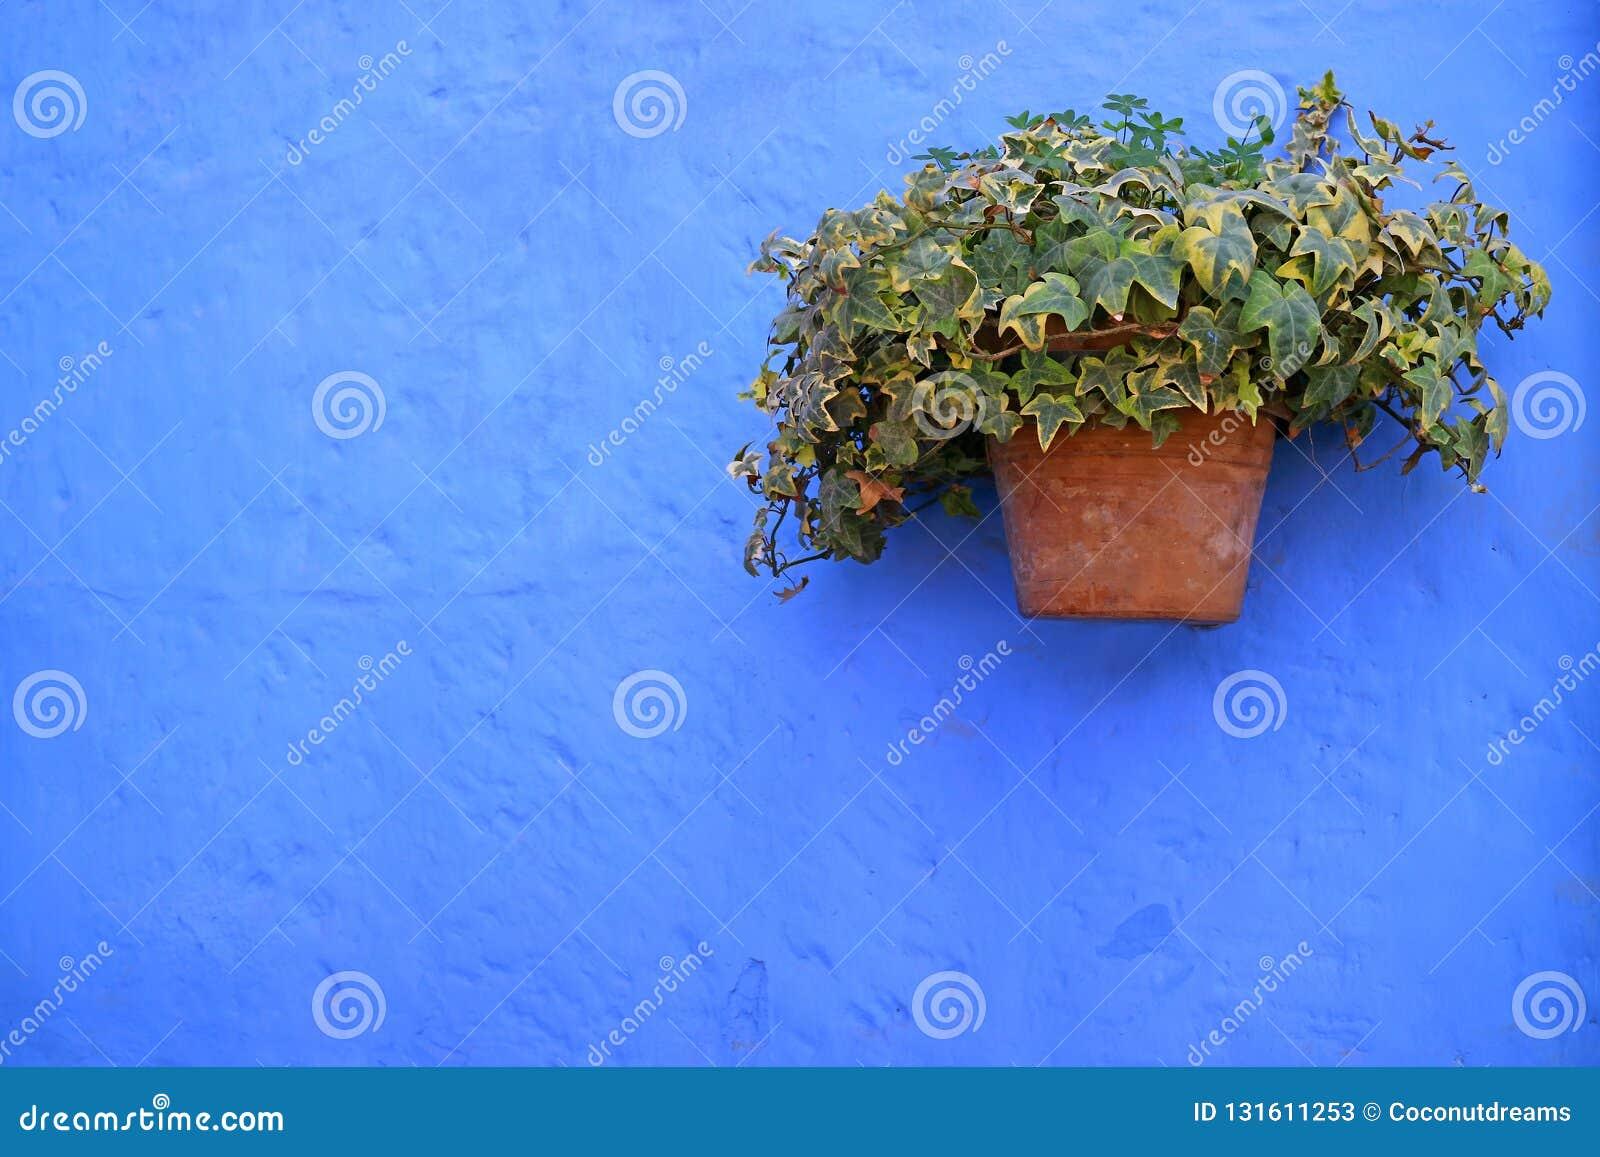 Le planteur de terre cuite des usines algériennes vertes de lierre sur le bleu vibrant a coloré le vieux mur rugueux